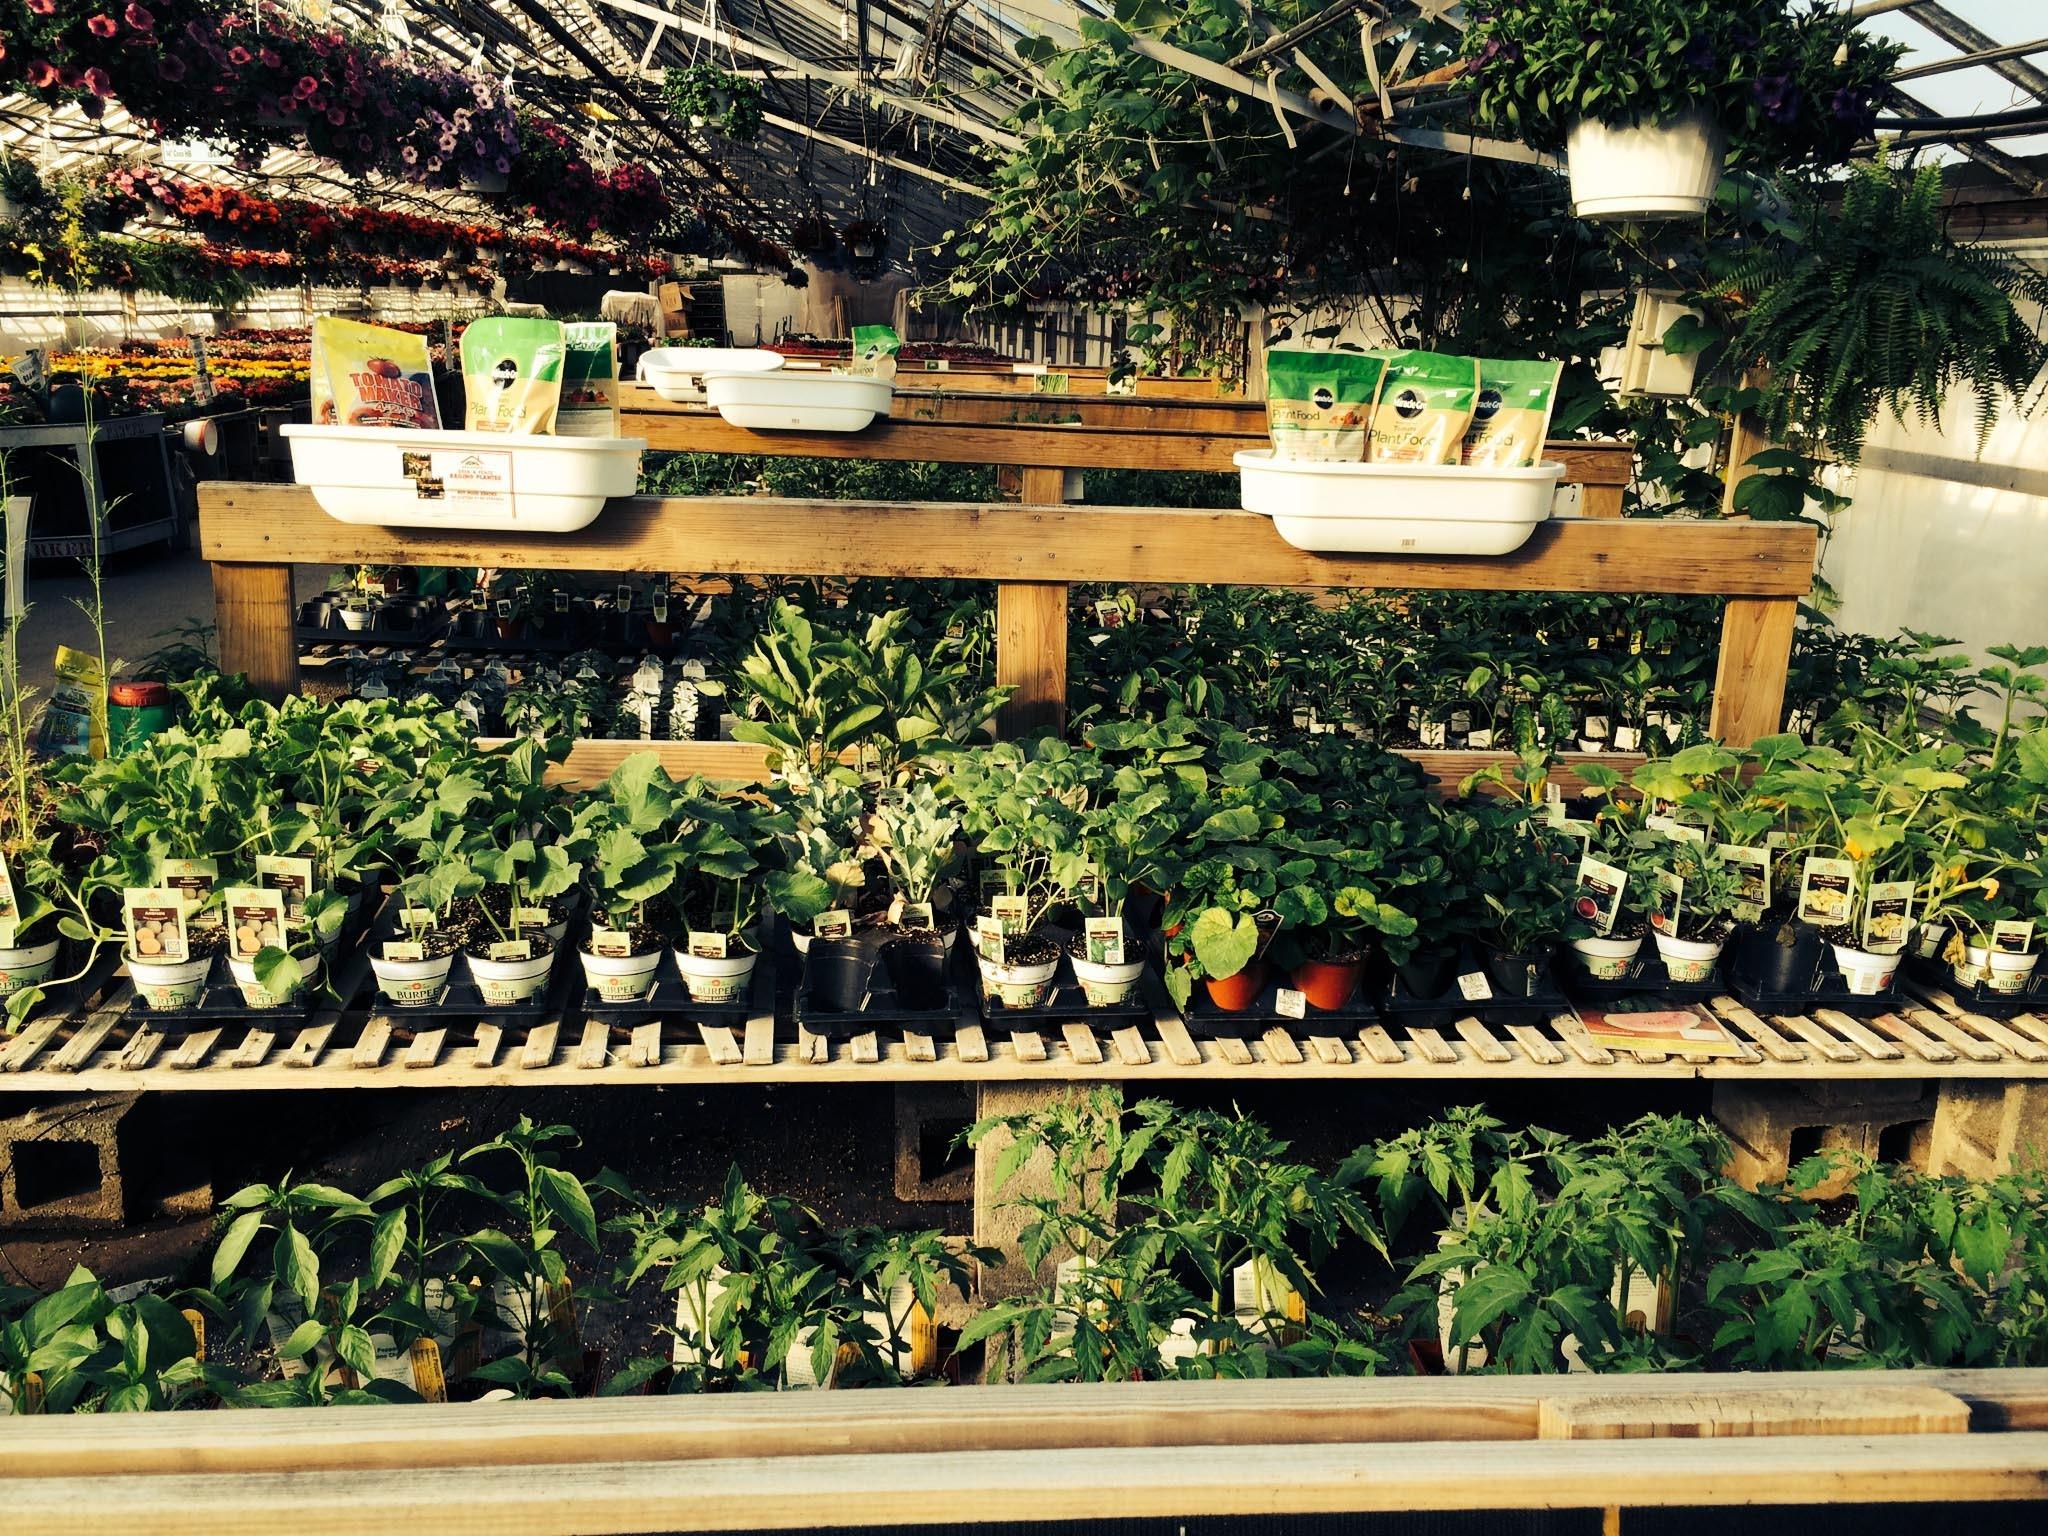 e4dae52a691b68e4d754_Parker_Gardens_-_veggies.jpg